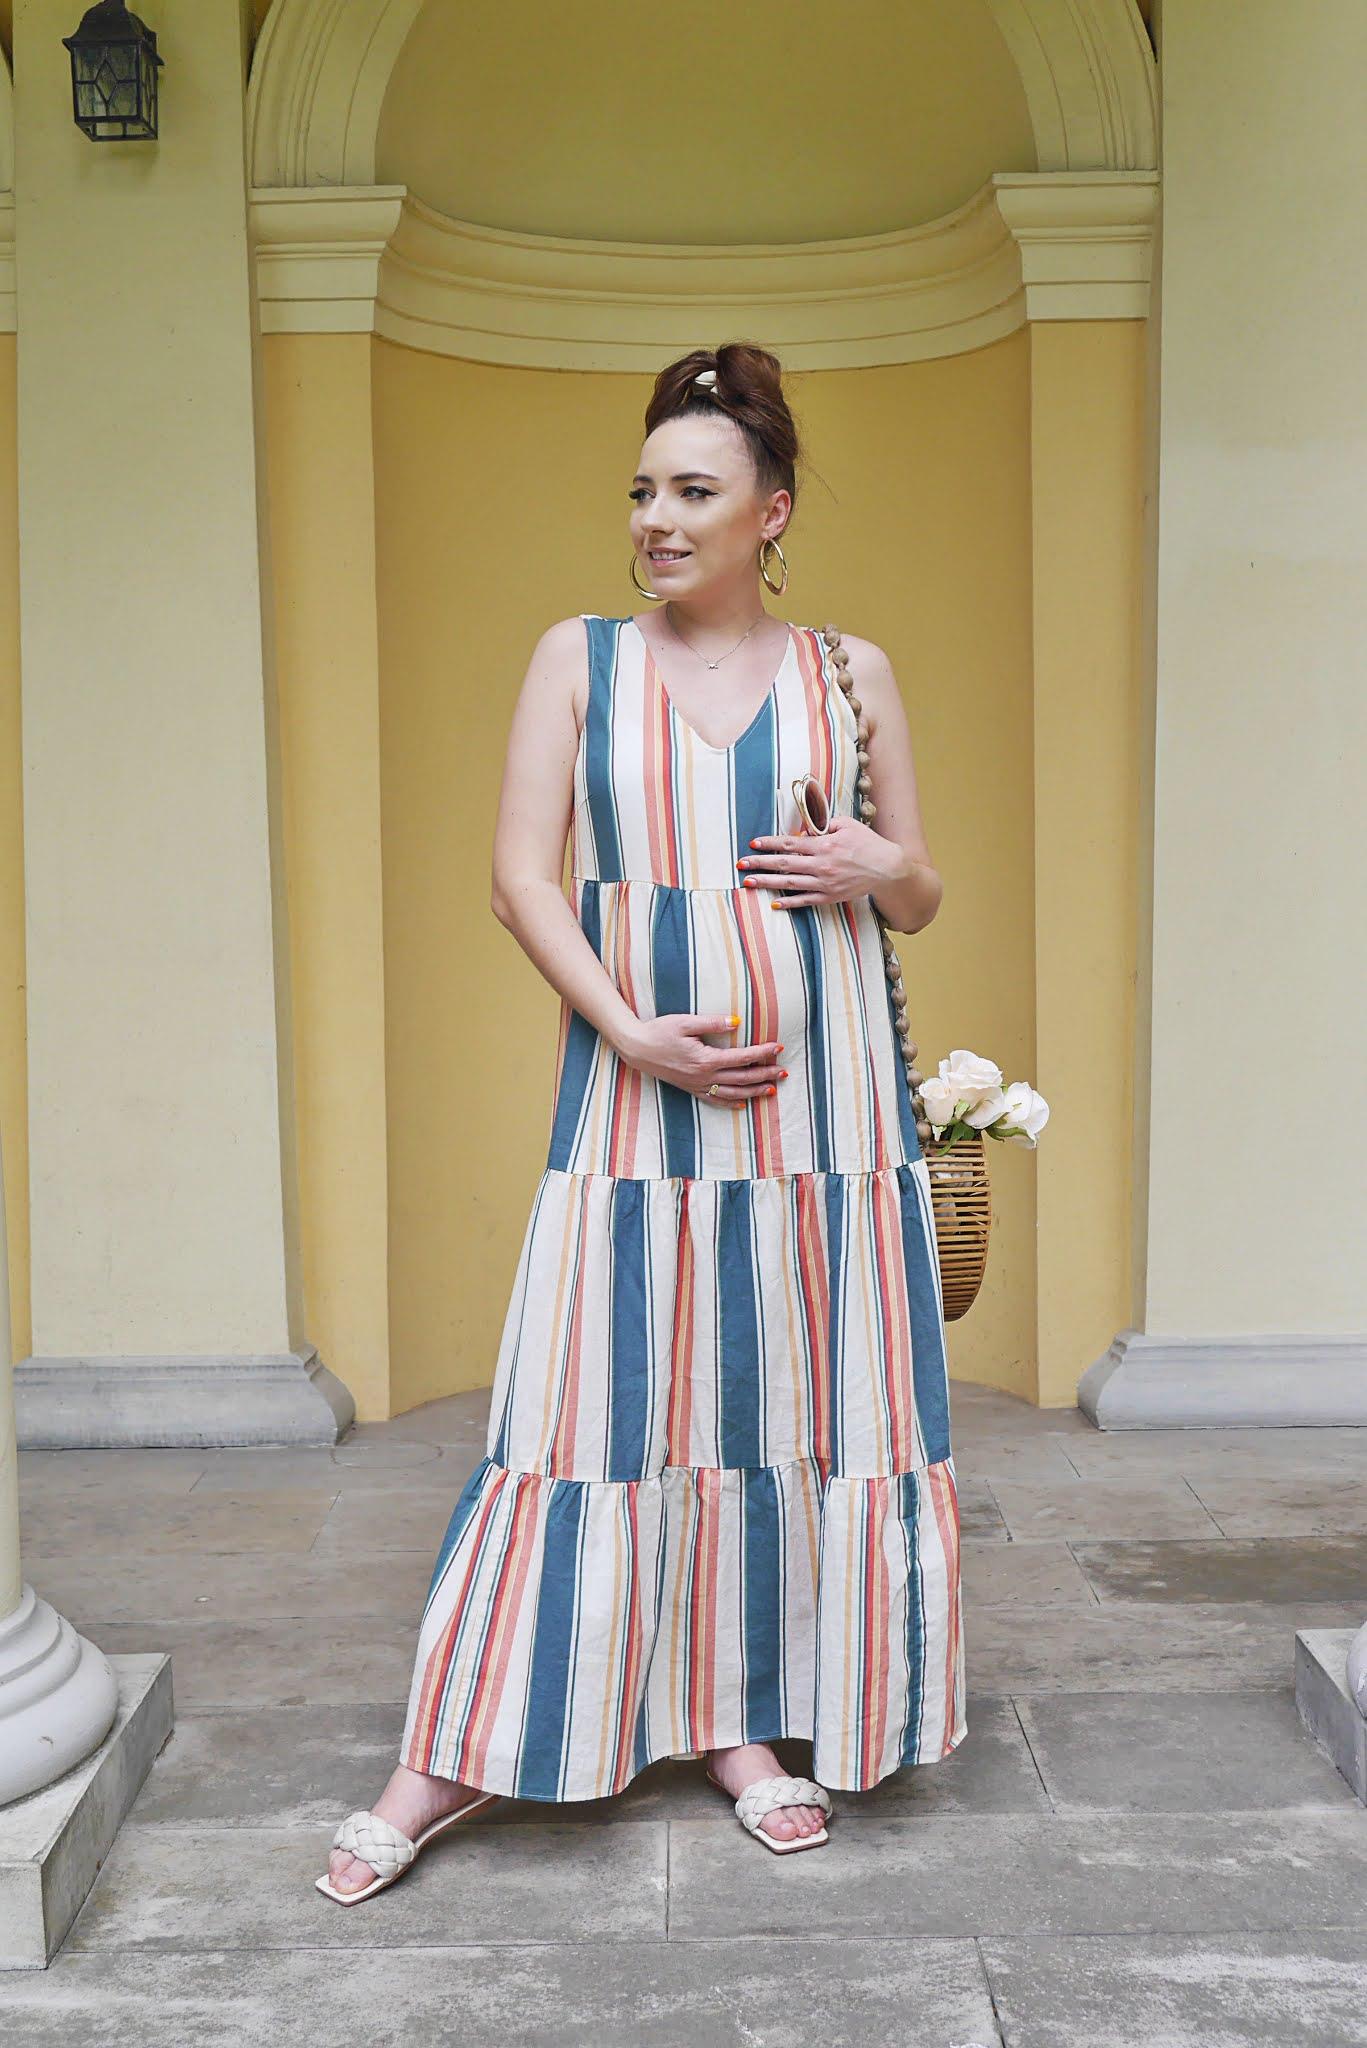 blog modowy blogerka modowa karyn puławy look dluga letnia sukienka w paski bonprix drewniany koszyk renee okragle okulary beżowe klapki shein stylizacja letnia ciążowa moda ciążowa look outfit jak ubrać się w ciąży